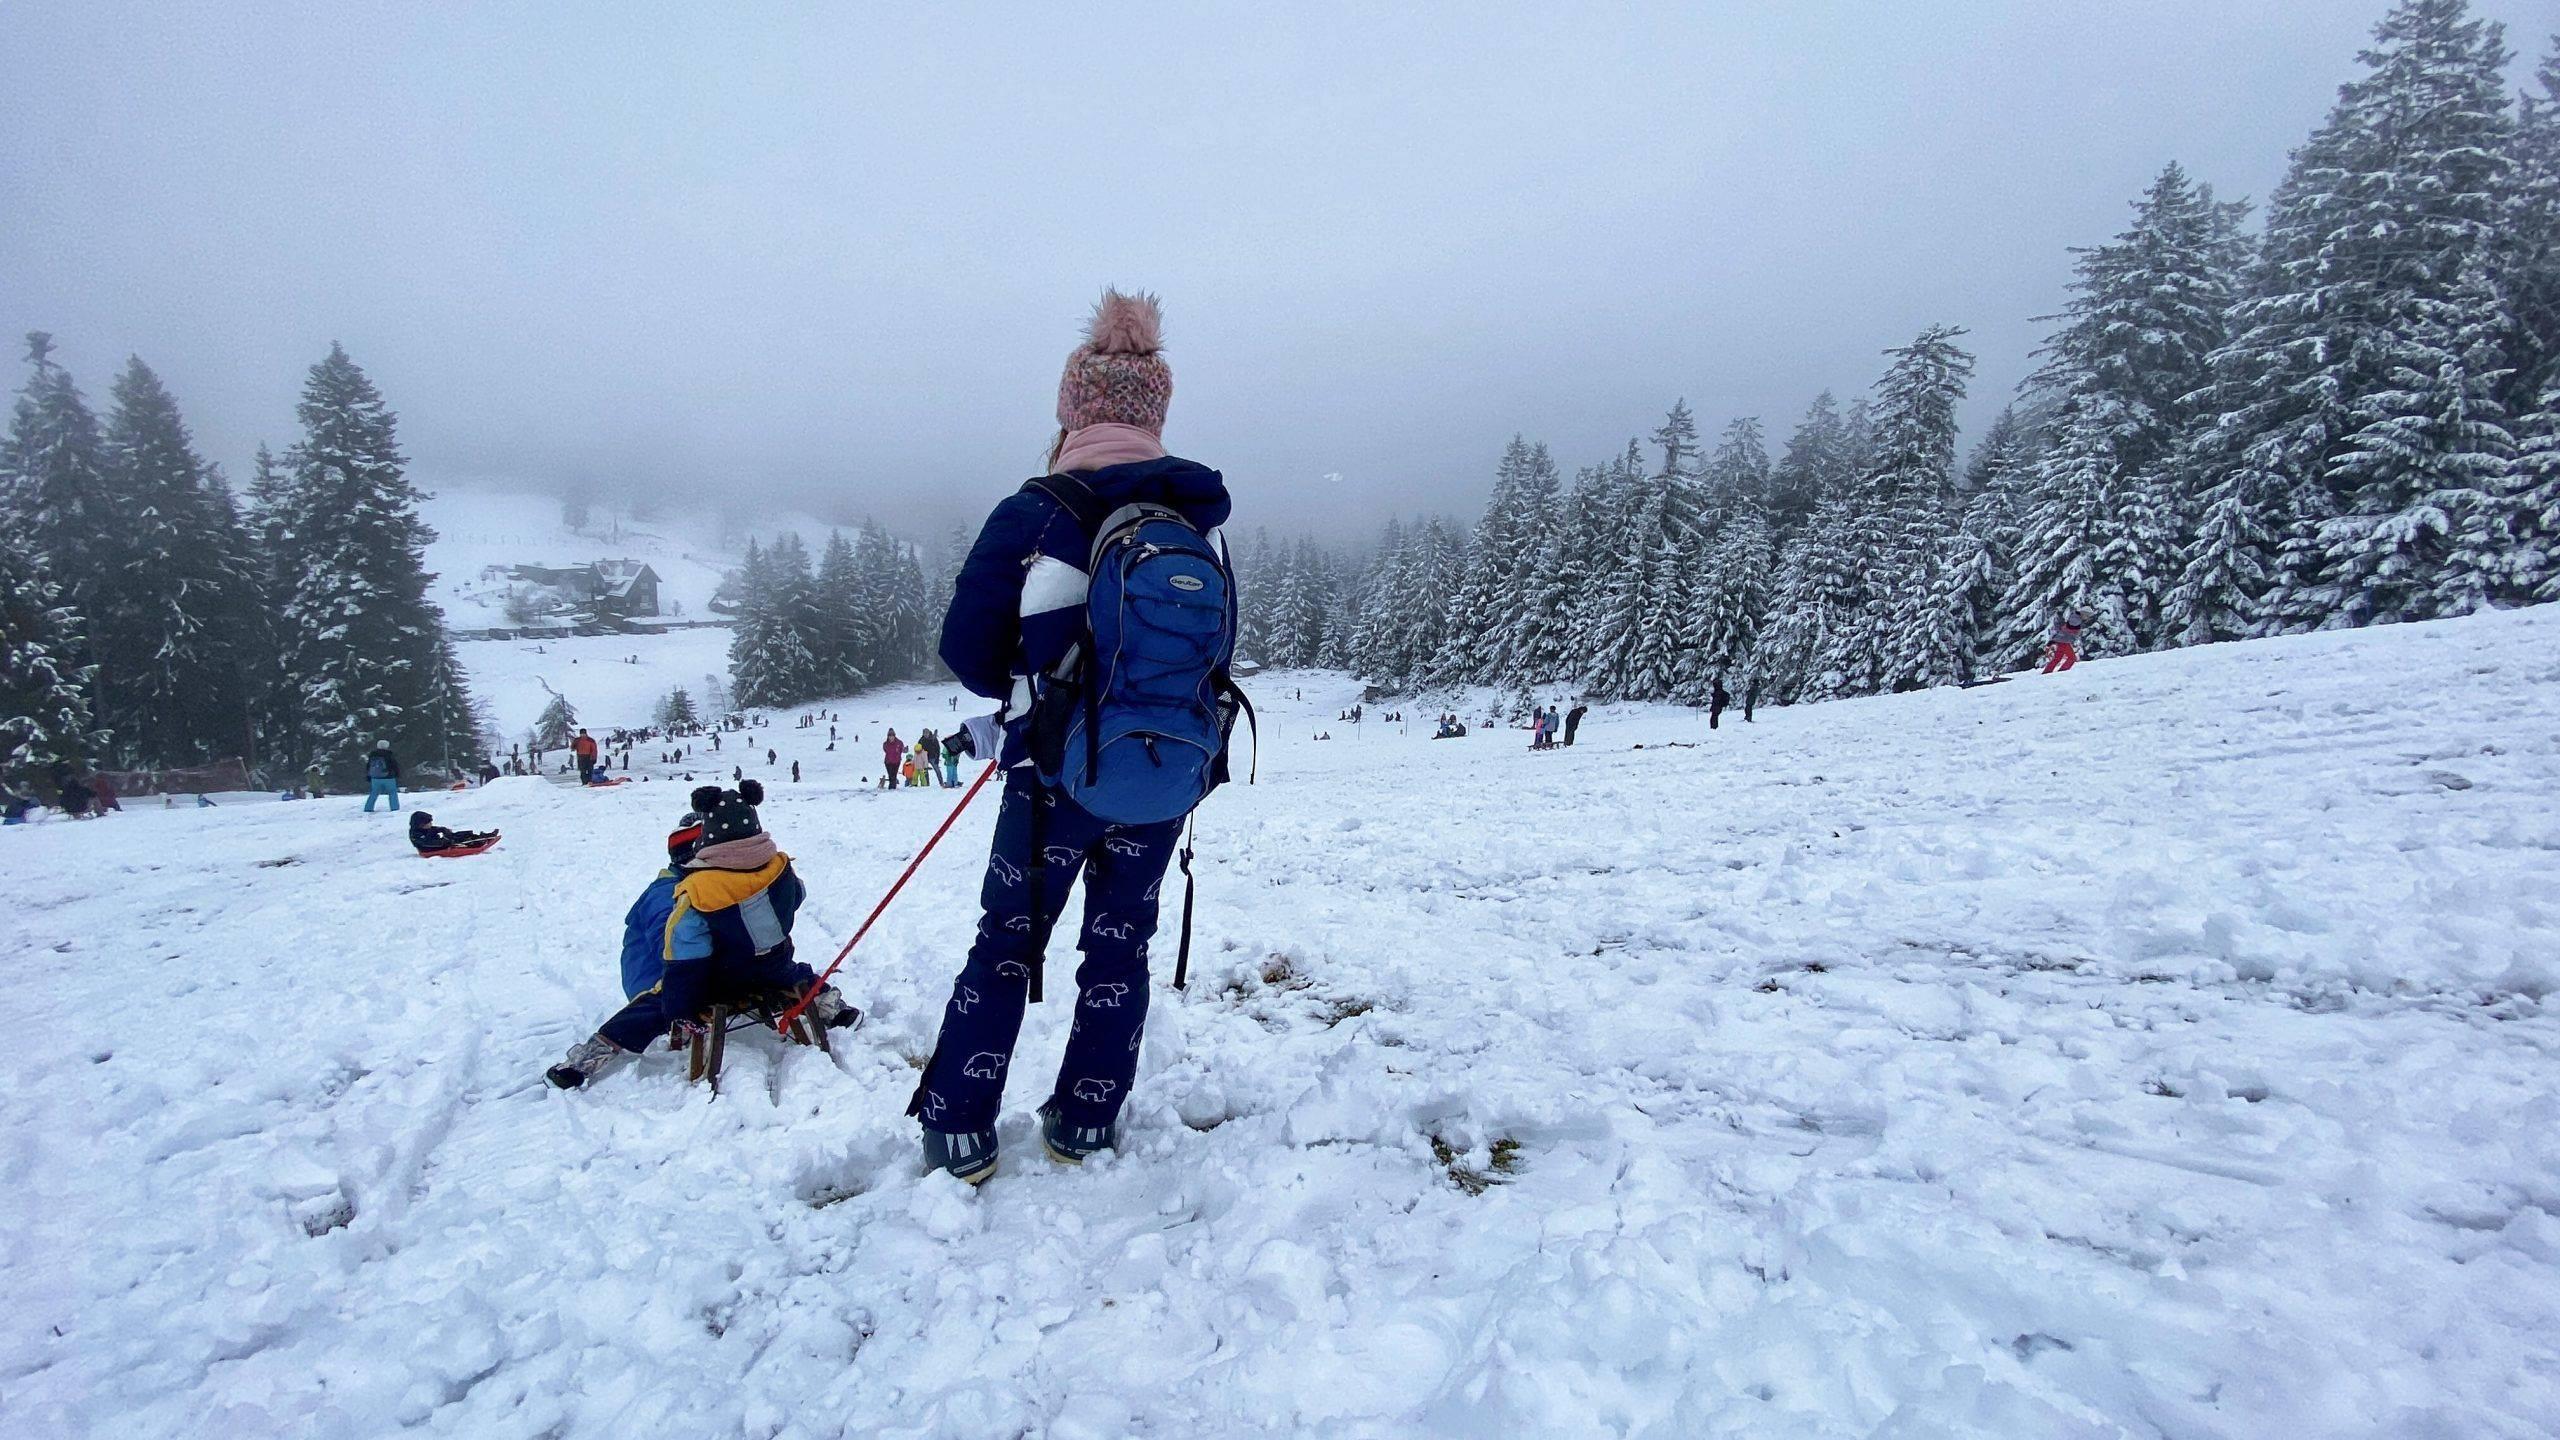 Familien Winter Wonderland Kaltenbronn im Schwarzwald – Rodeln, Skifahren und ein Walderlebnispfad